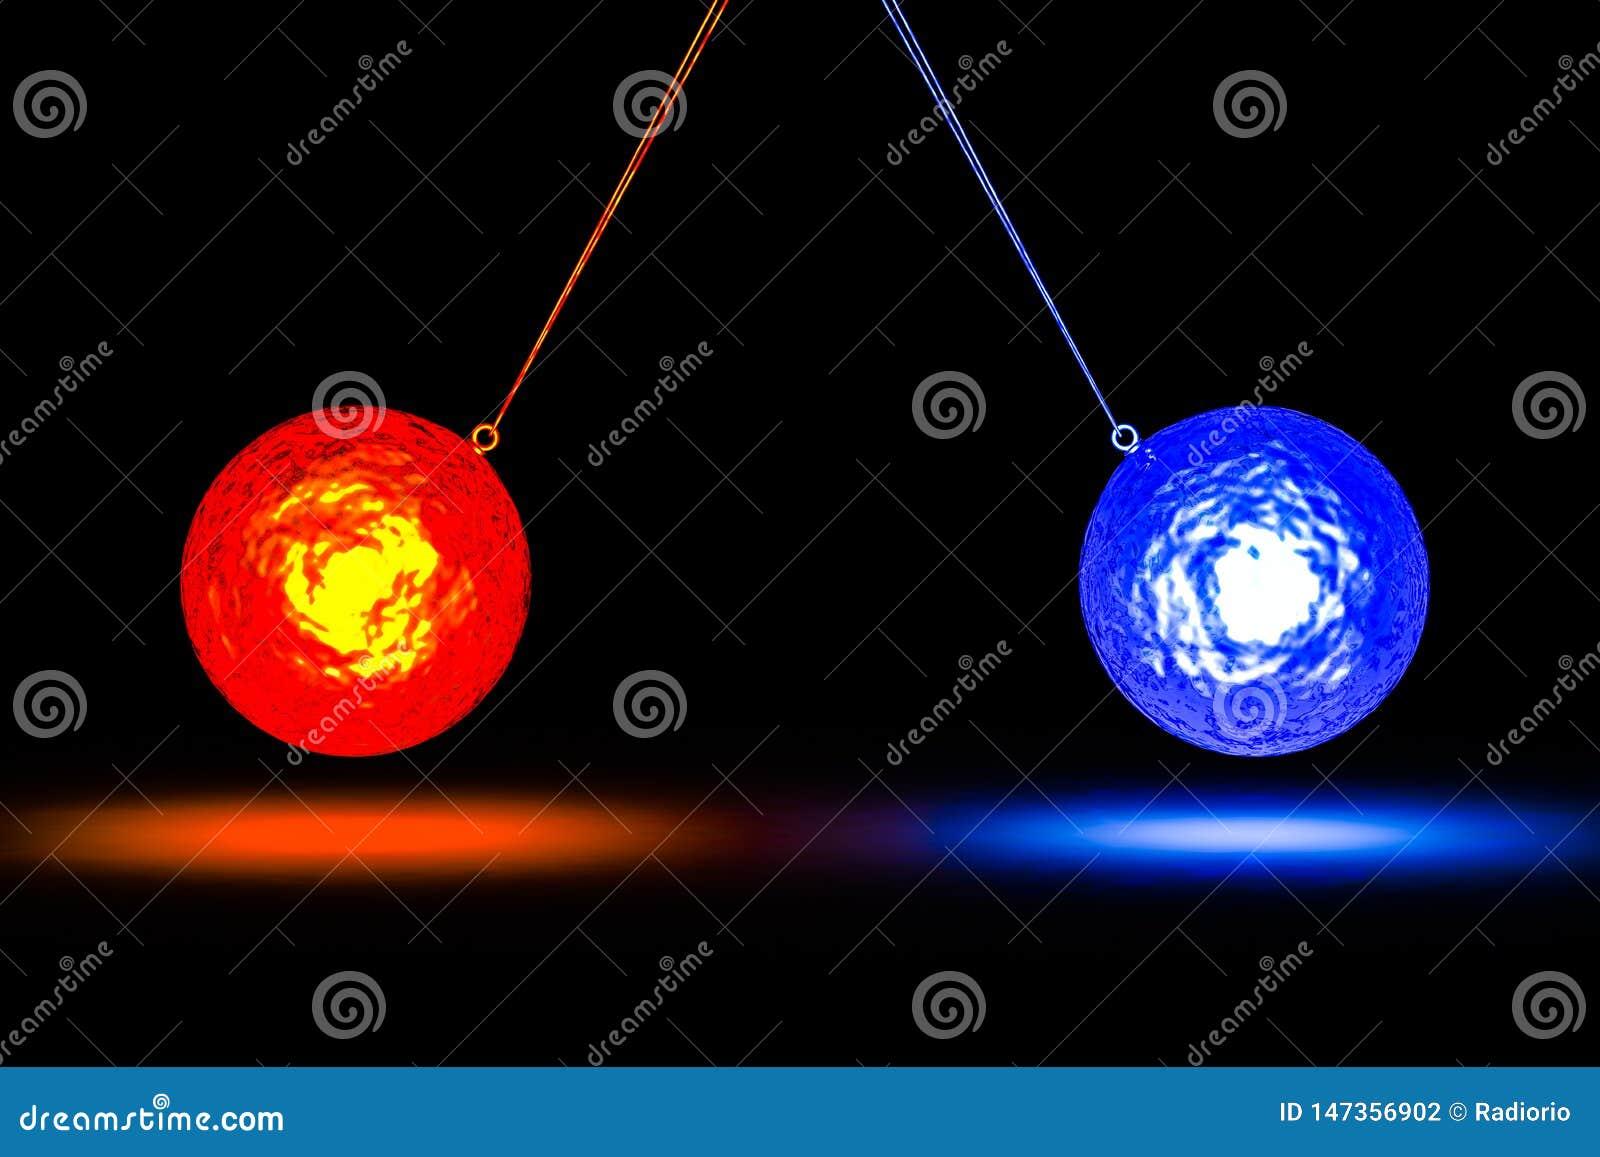 Изображение концепции показывая столкновение с 2 файрболами